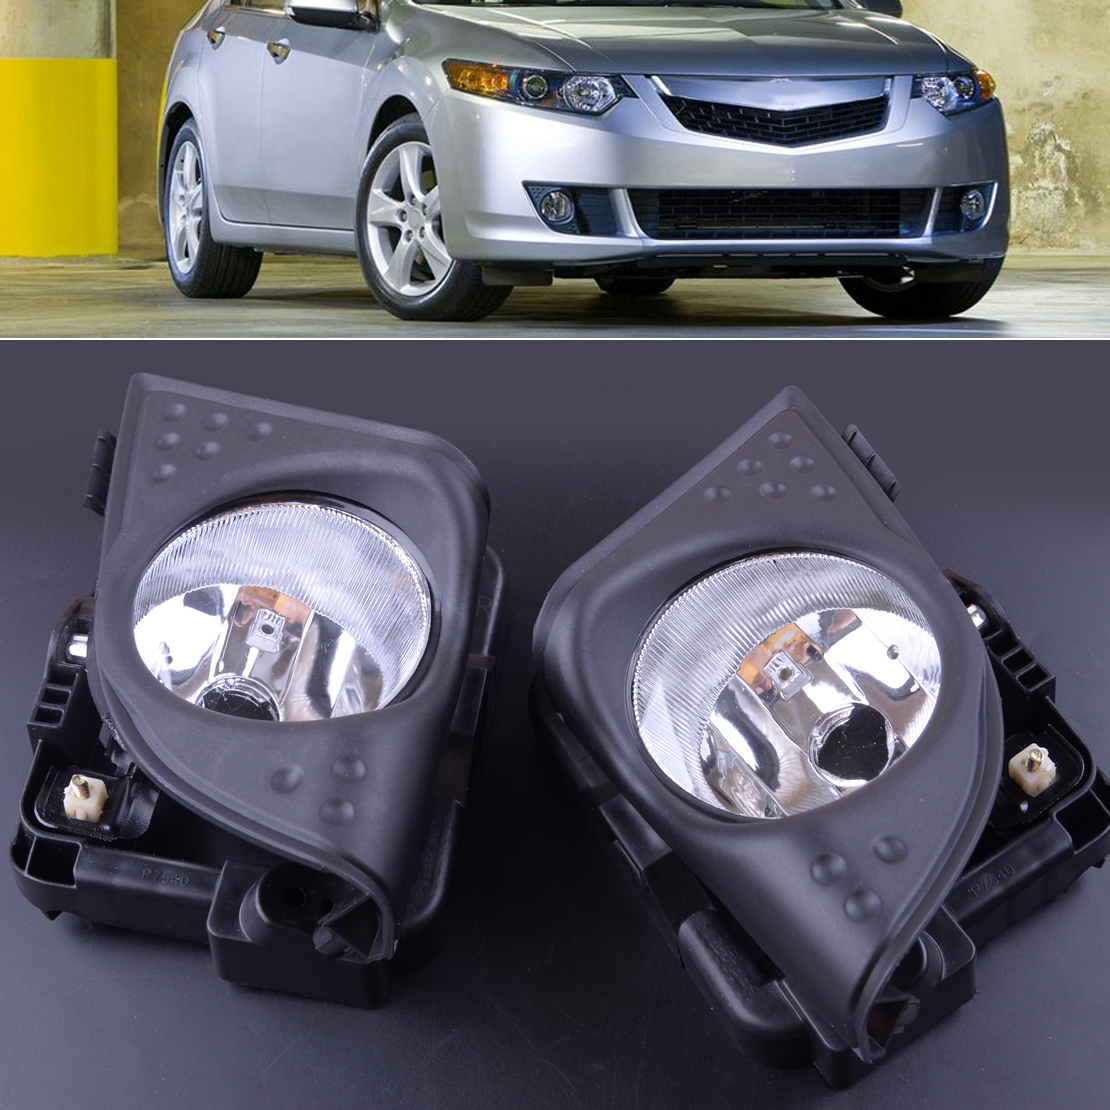 Beler 1 paire voiture gauche droite avant brouillard conduite lampe couvercle garniture cadre pour Acura TSX 2009 2010 33900TL0A01 33950TL0A01